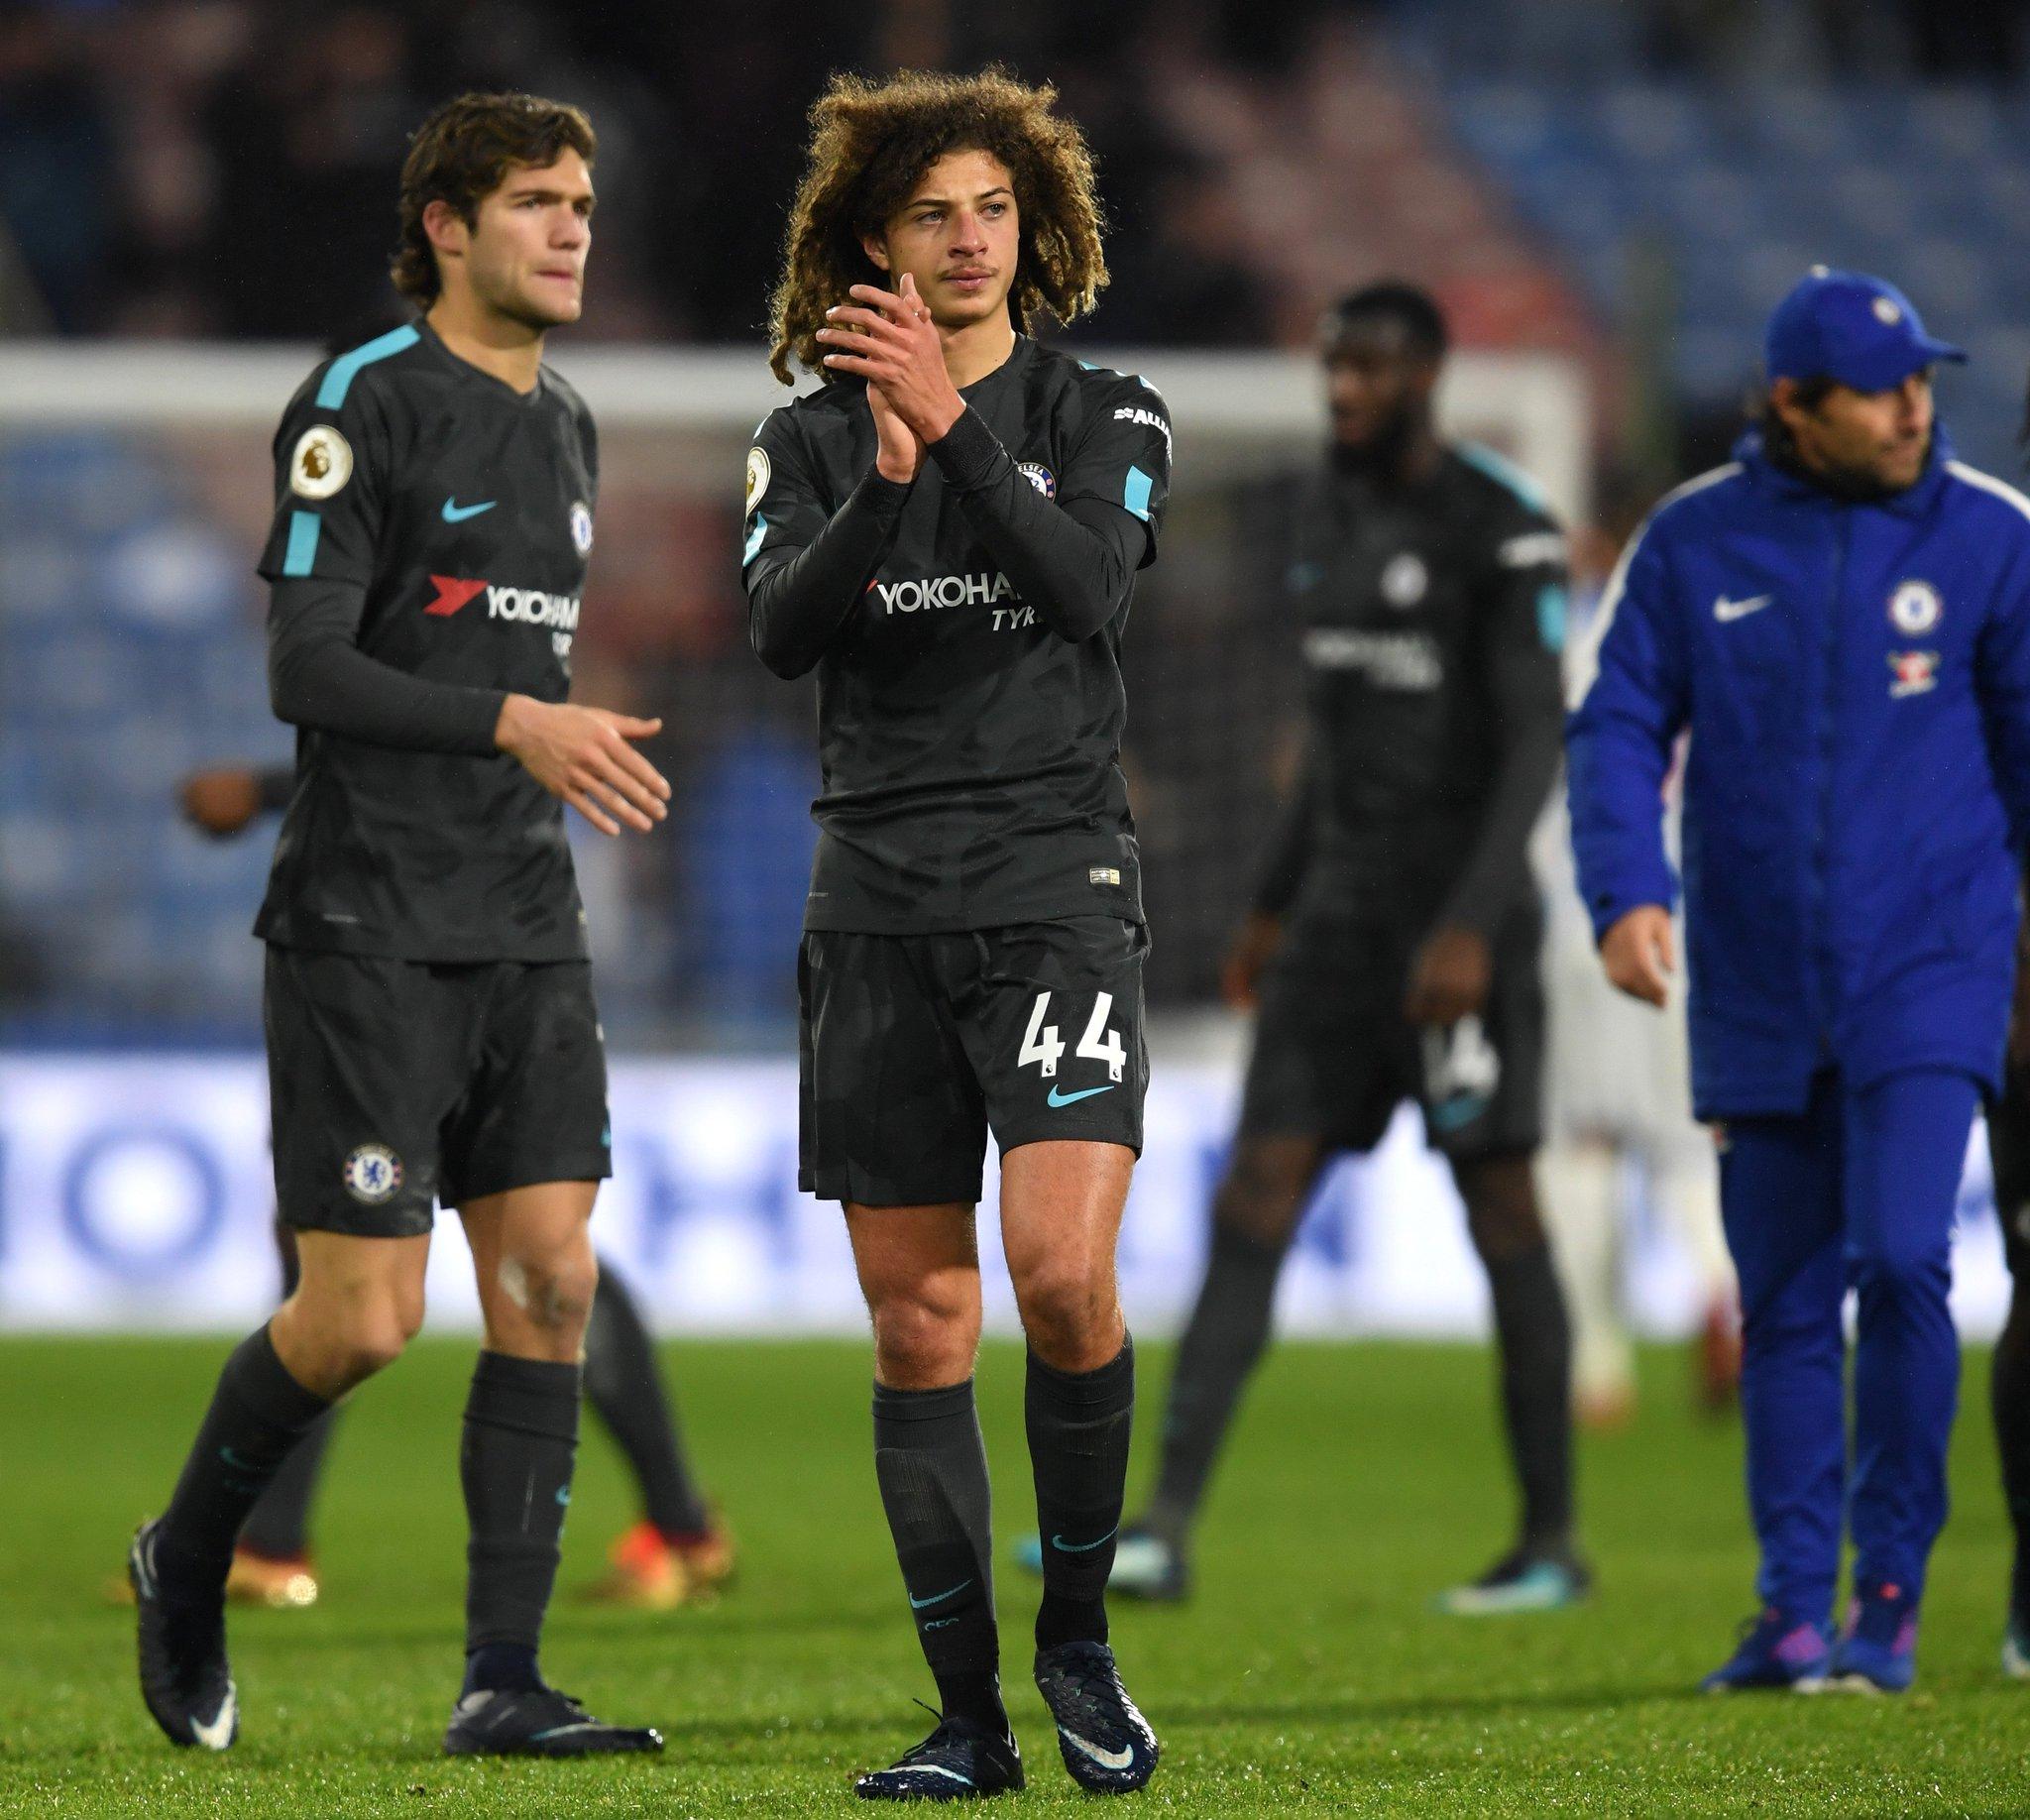 Résultat Et Résumé Tottenham: Olympique Lyonnais (0-0) Résumé Du